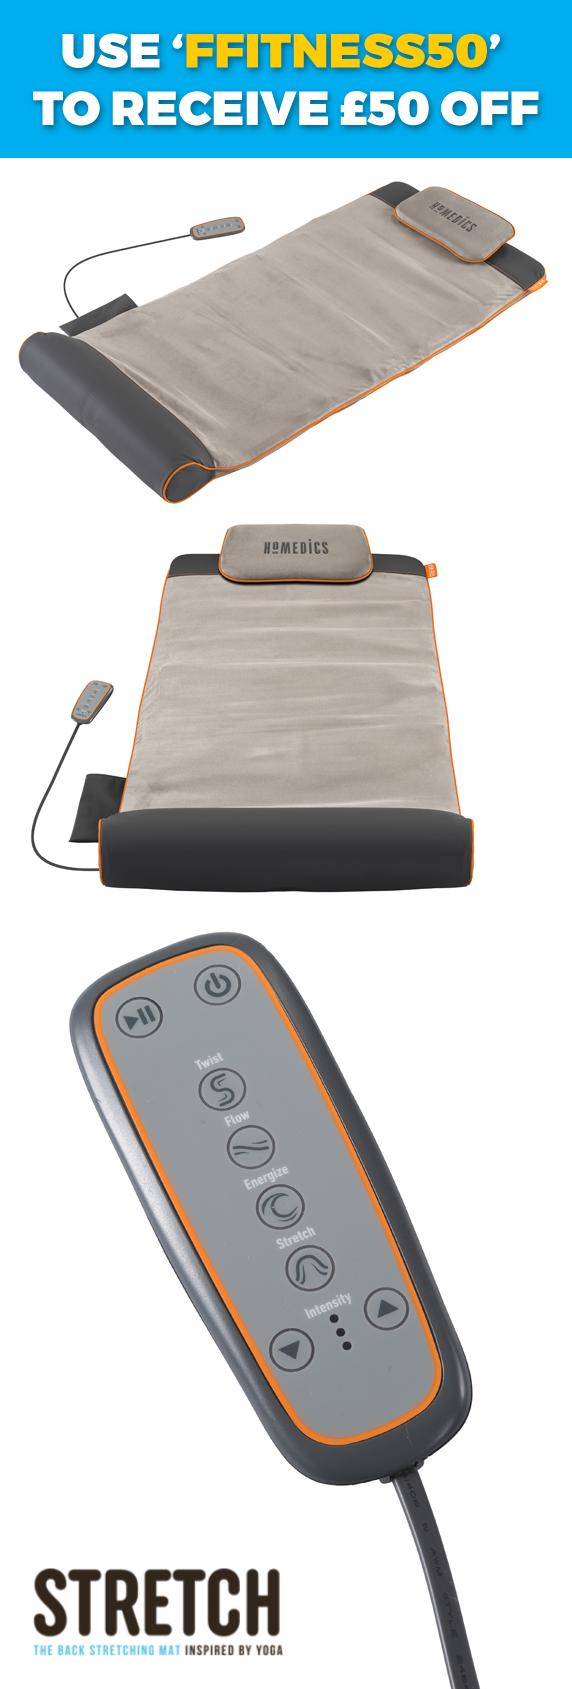 HoMedics STRETCH Mat Offer